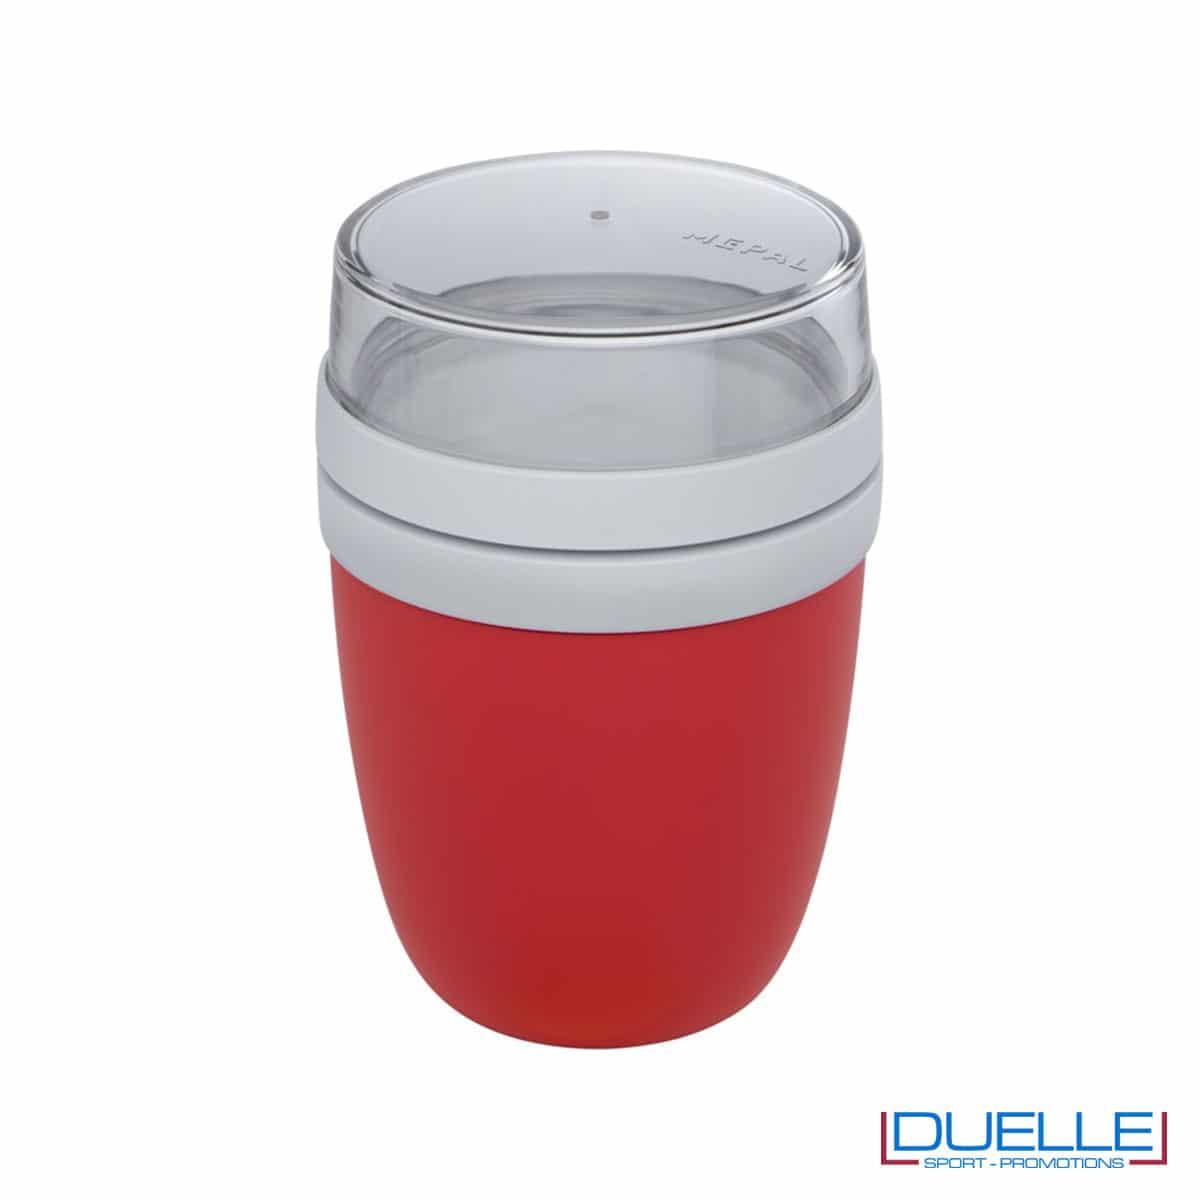 Lunch box Mepal colore rosso personalizzato con il tuo logo